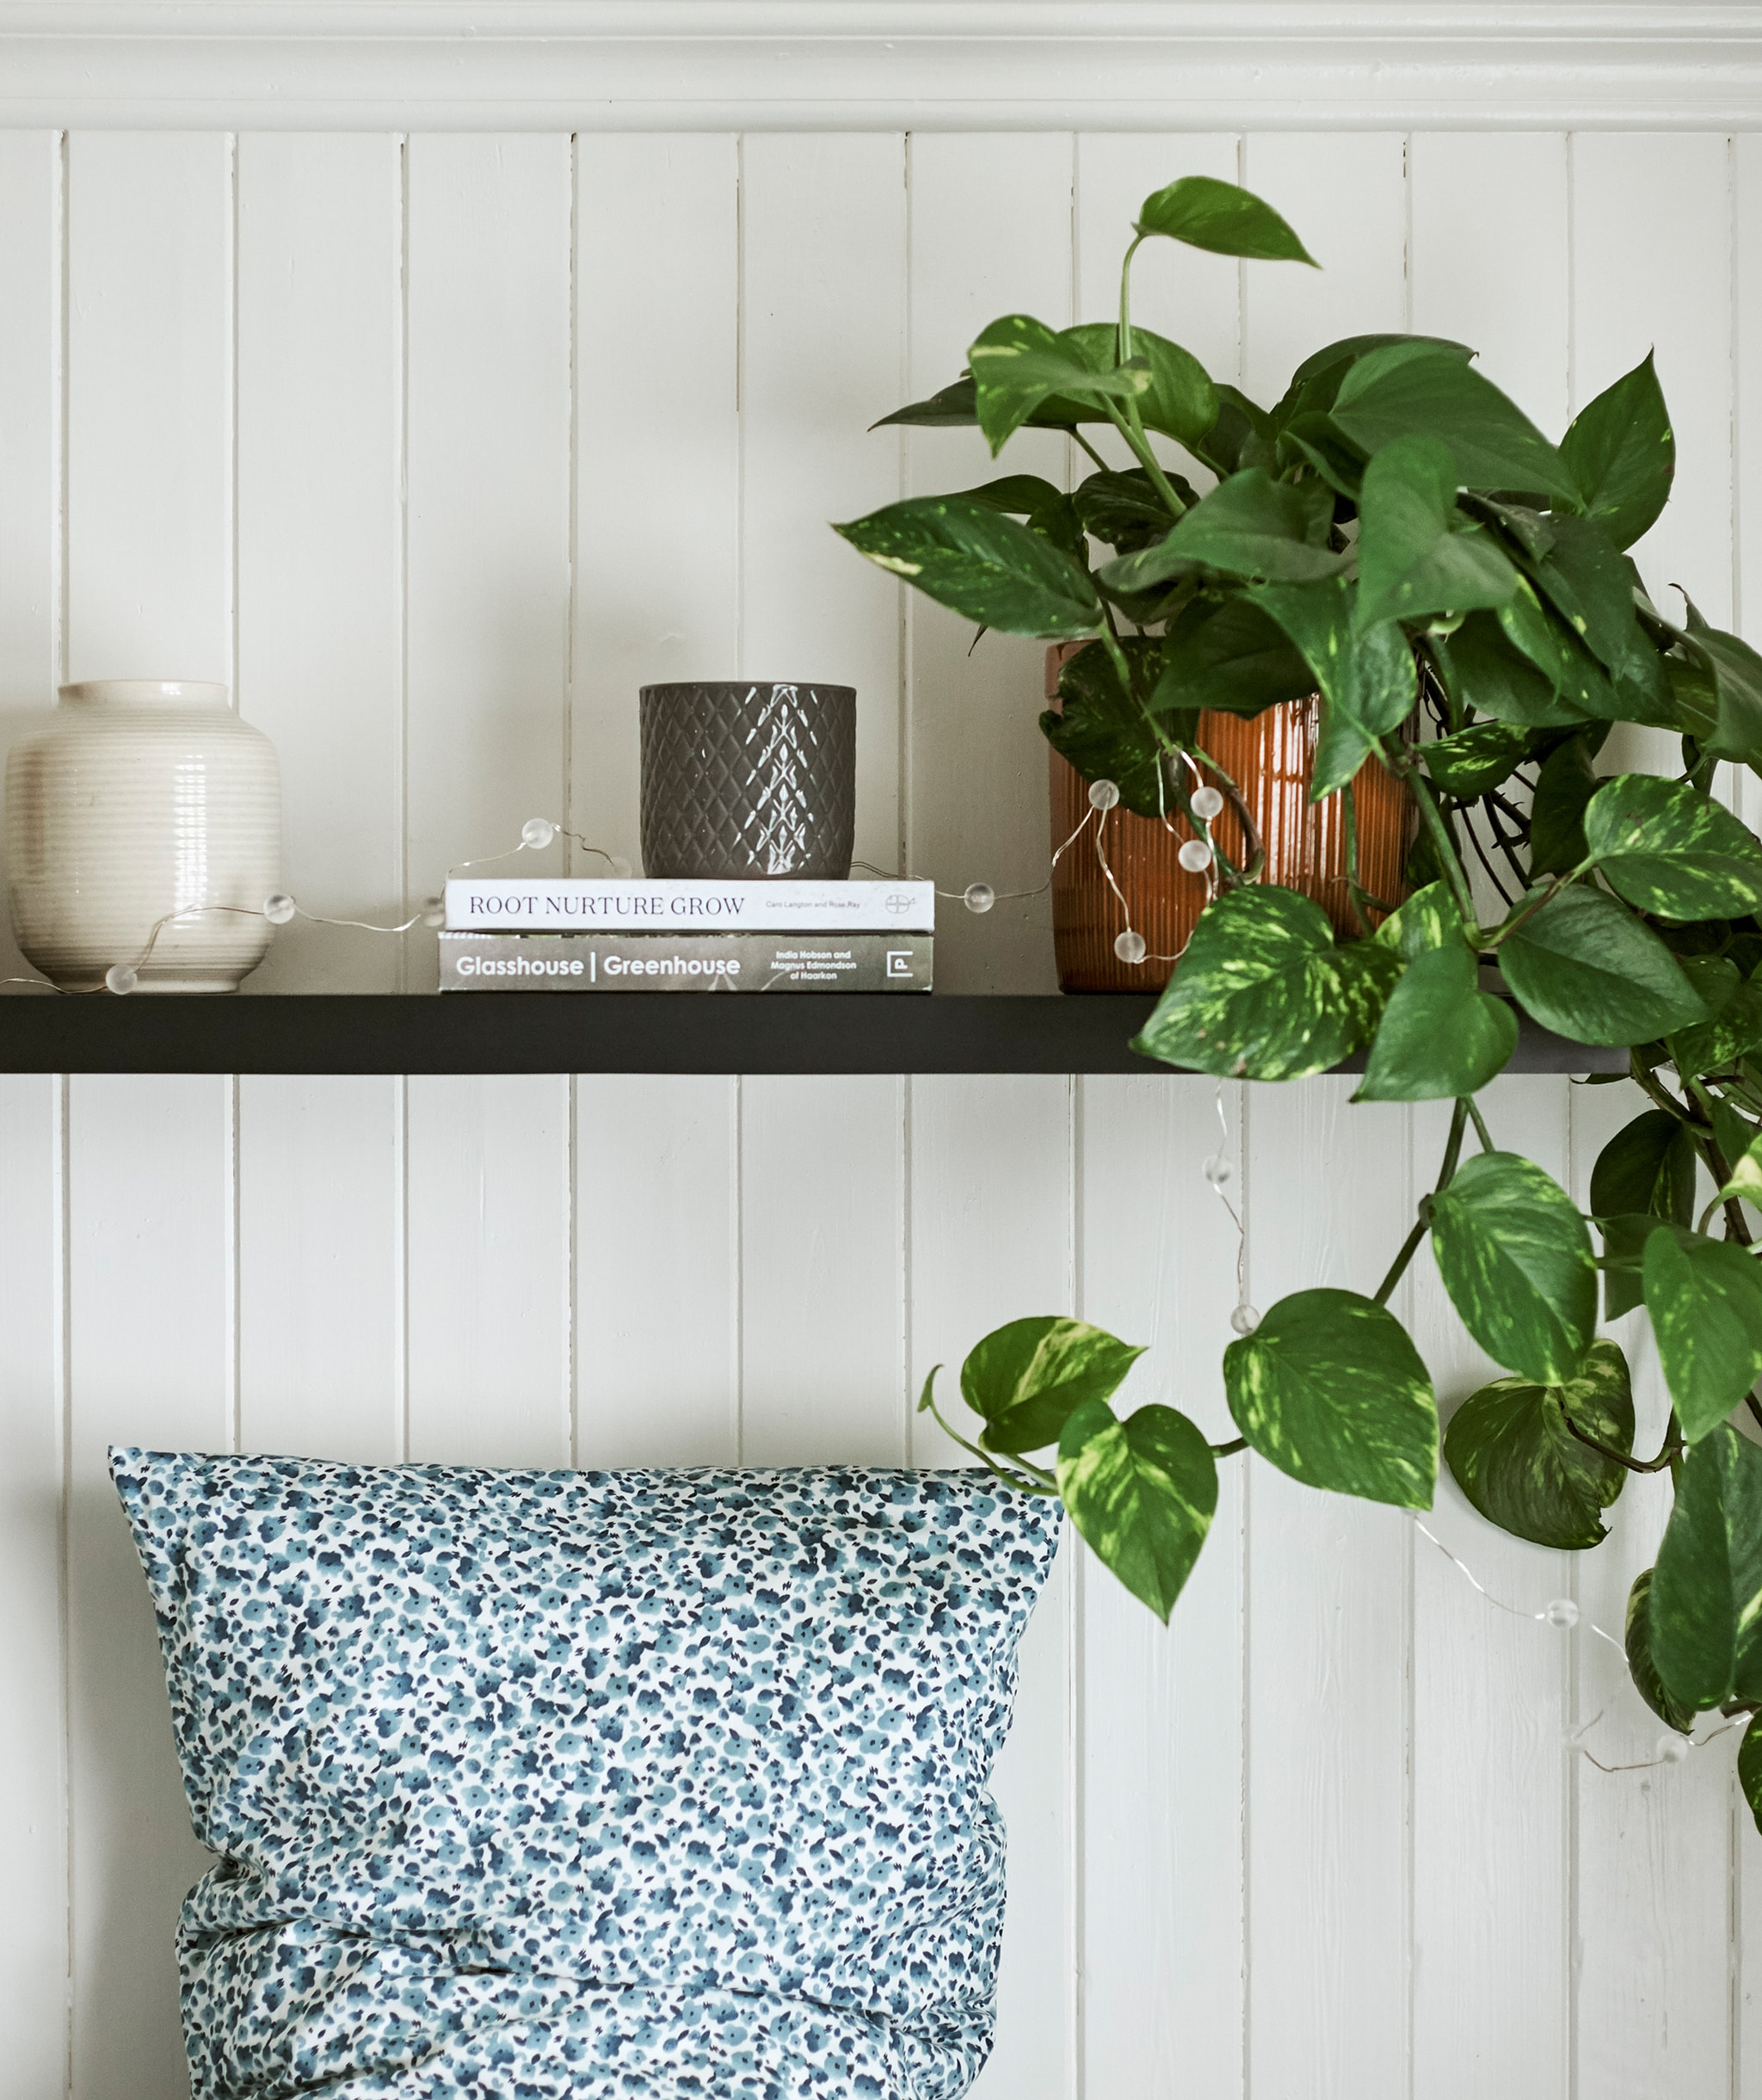 一盆攀爬植物、花瓶和書放在深色木層架上,下方的睡床擺放藍白圓點圖案枕頭。